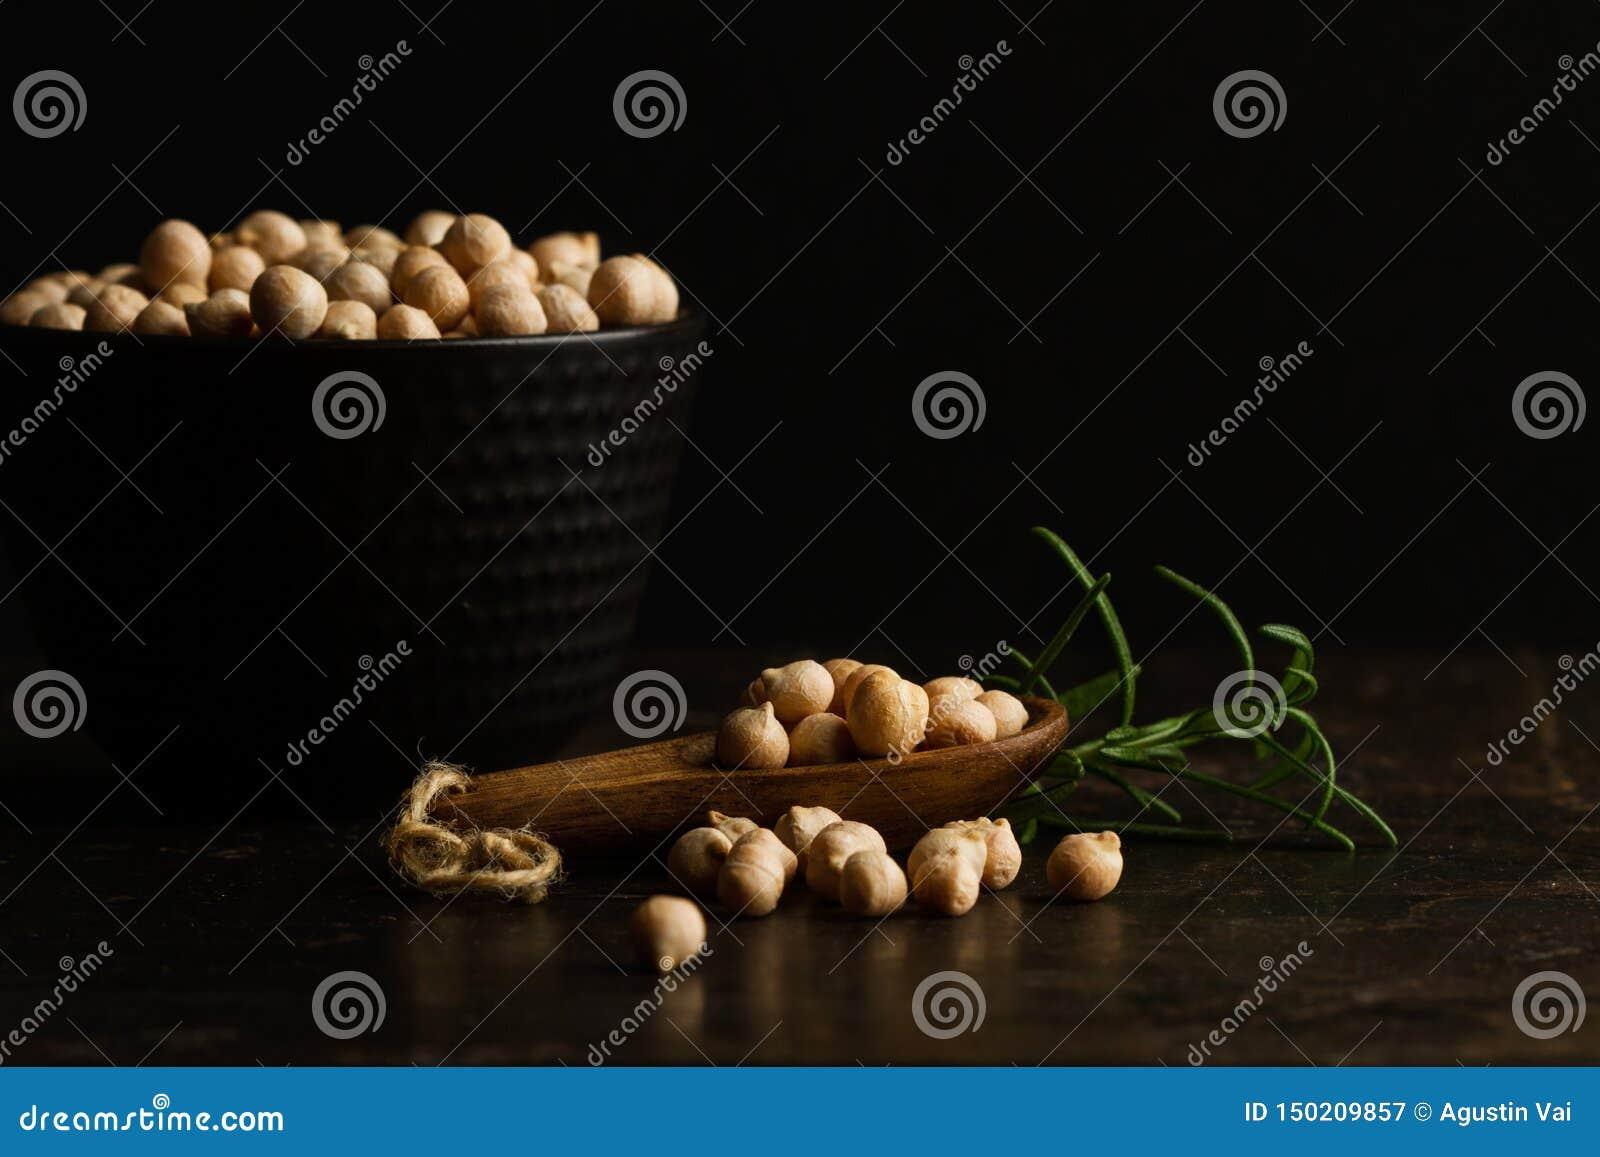 Grãos-de-bico em um bowland cerâmico preto em uma colher de madeira